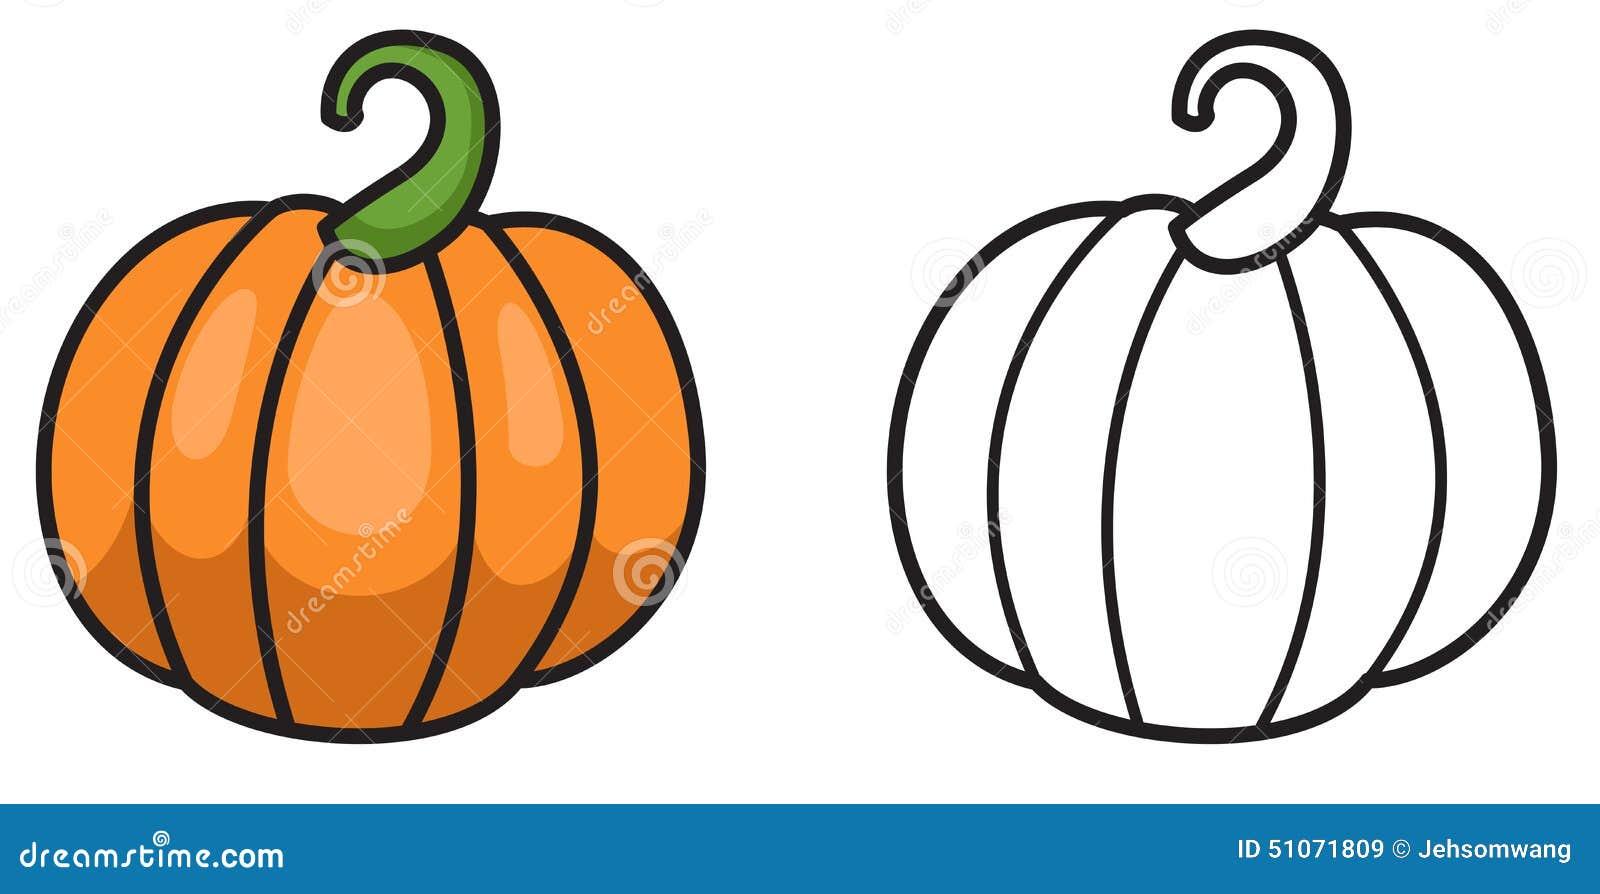 Potiron color et noir et blanc pour livre de coloriage illustration de vecteur illustration - Coloriage noir et blanc ...